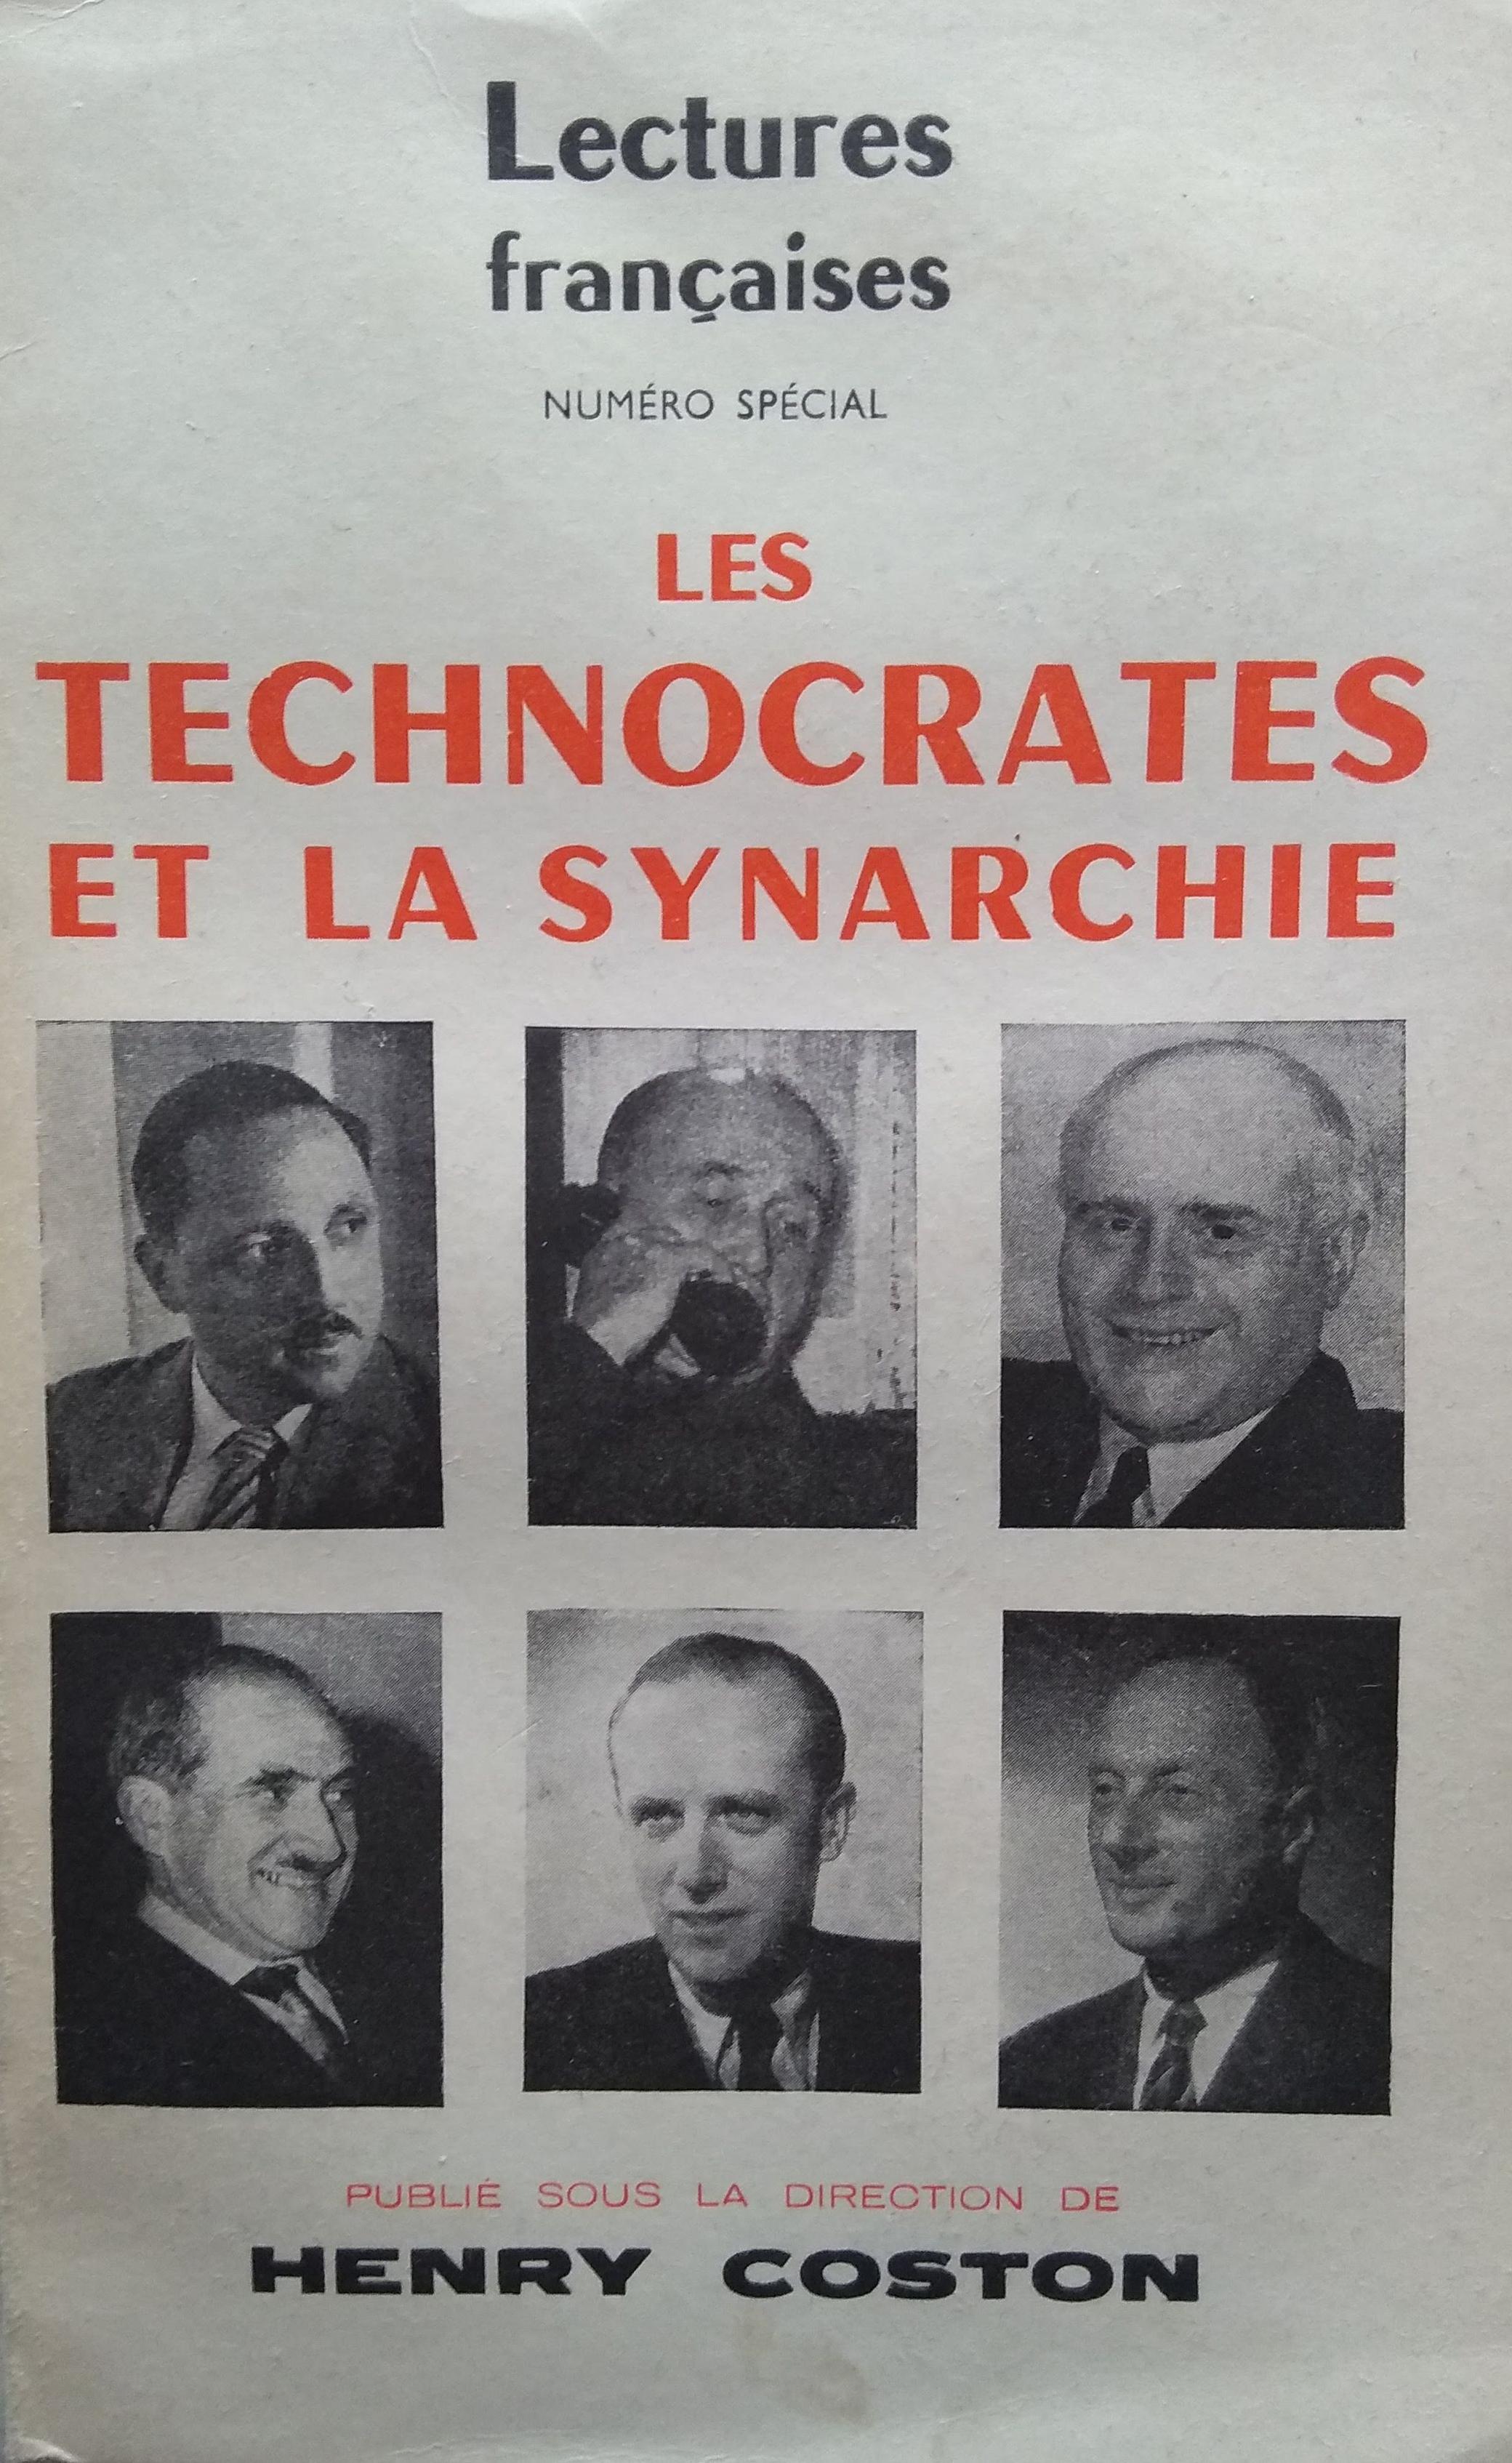 Les Tehnocrates et la synarchie